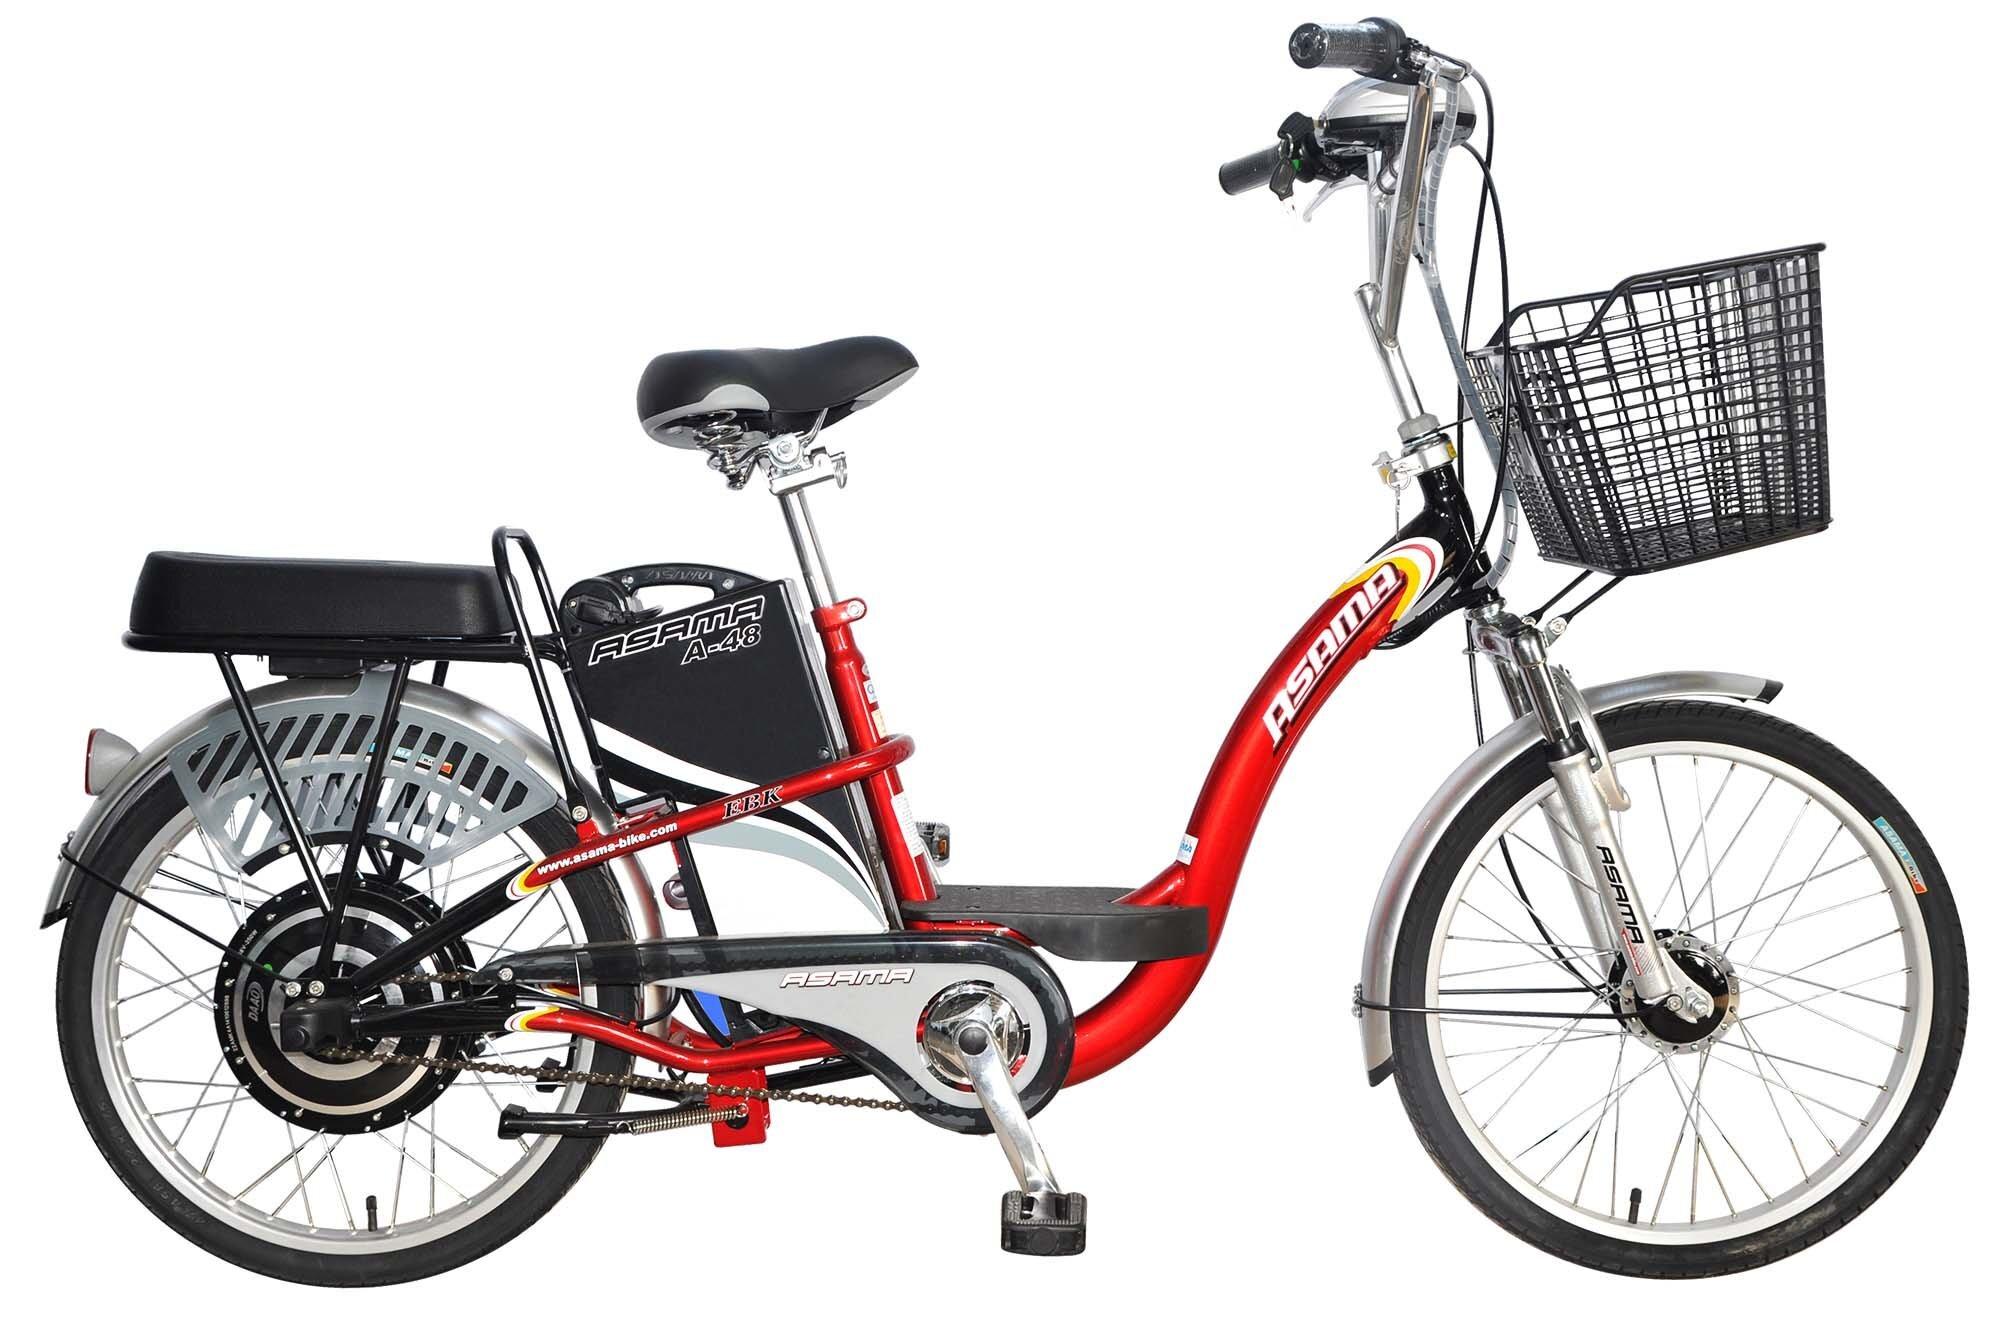 Xe đạp điện Asama được đánh giá cao nhờ vẻ ngoài thanh lịch